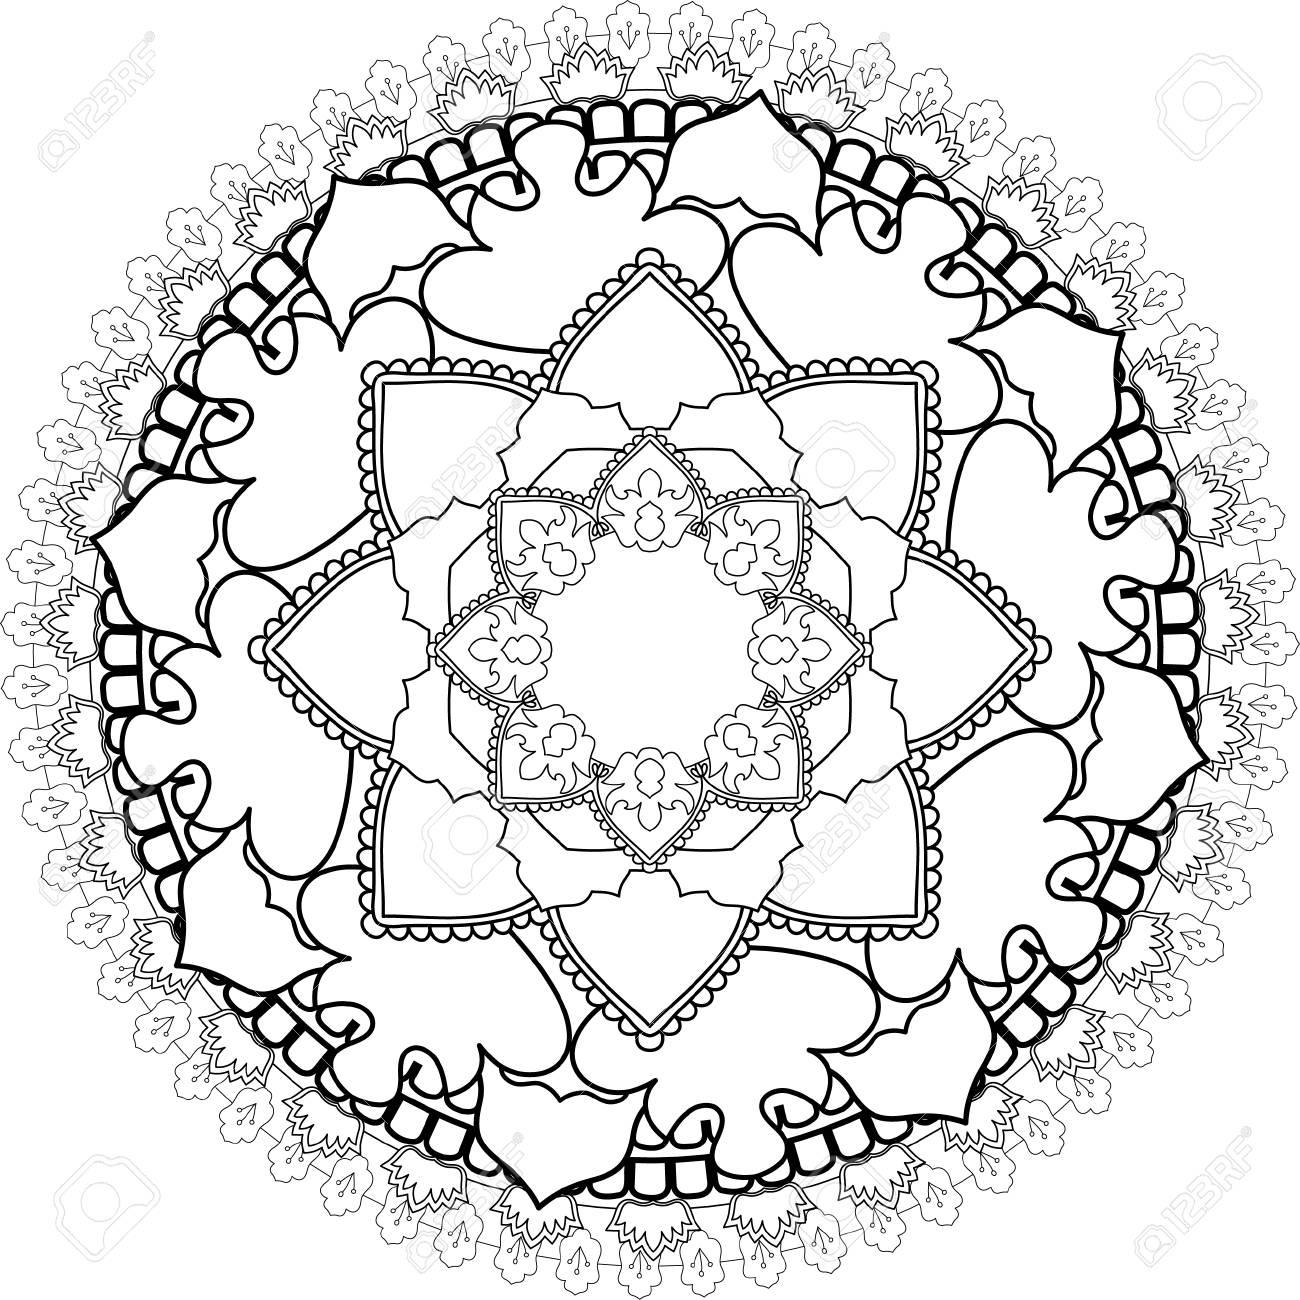 Relájese Mandalas Dibujo Con Líneas Para Colorear Sobre Fondo Blanco Formas Y Geometrías De Flores Como Patrones Y Papel Tapiz